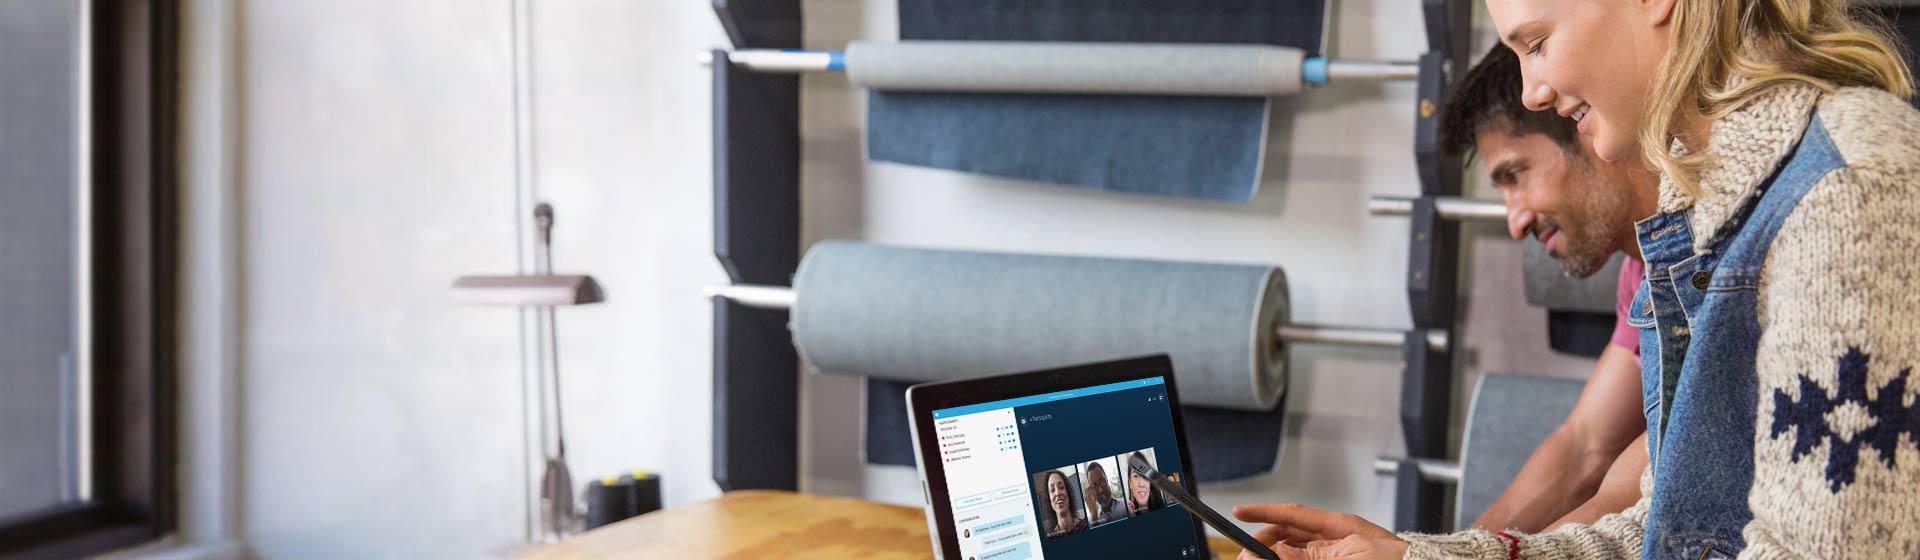 Žena i muškarac koriste Skype sastanke na tabletu, a žena drži telefon